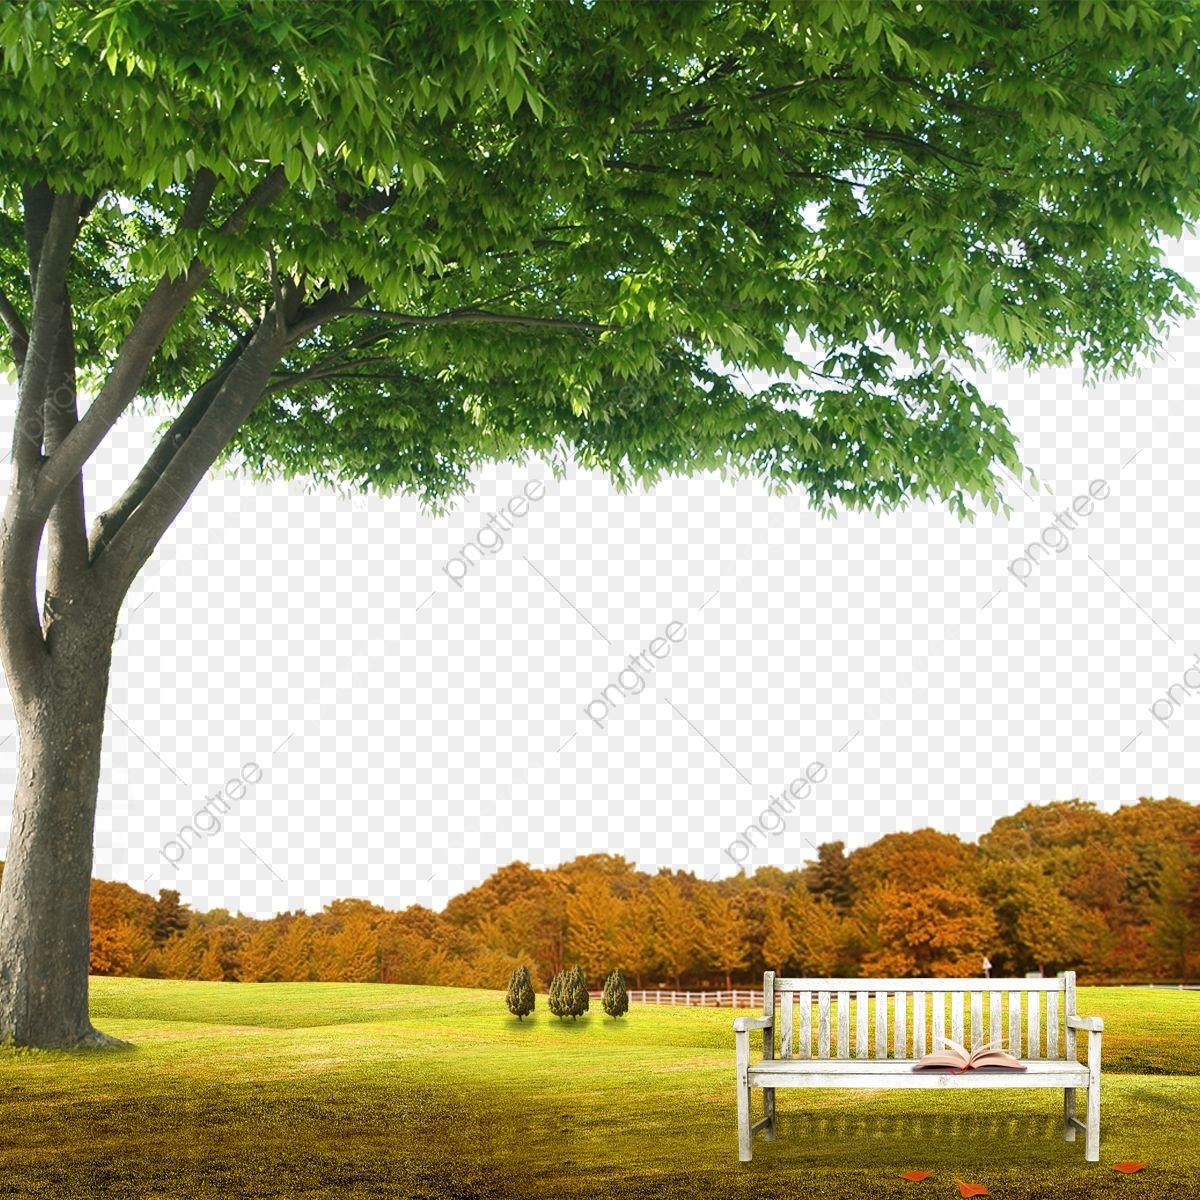 مشهد خلفية الحديقة مع الخلفية الطبيعية حديقة الصيف عطلة Png وملف Psd للتحميل مجانا Beautiful Nature Wallpaper Nature Wallpaper Natural Background